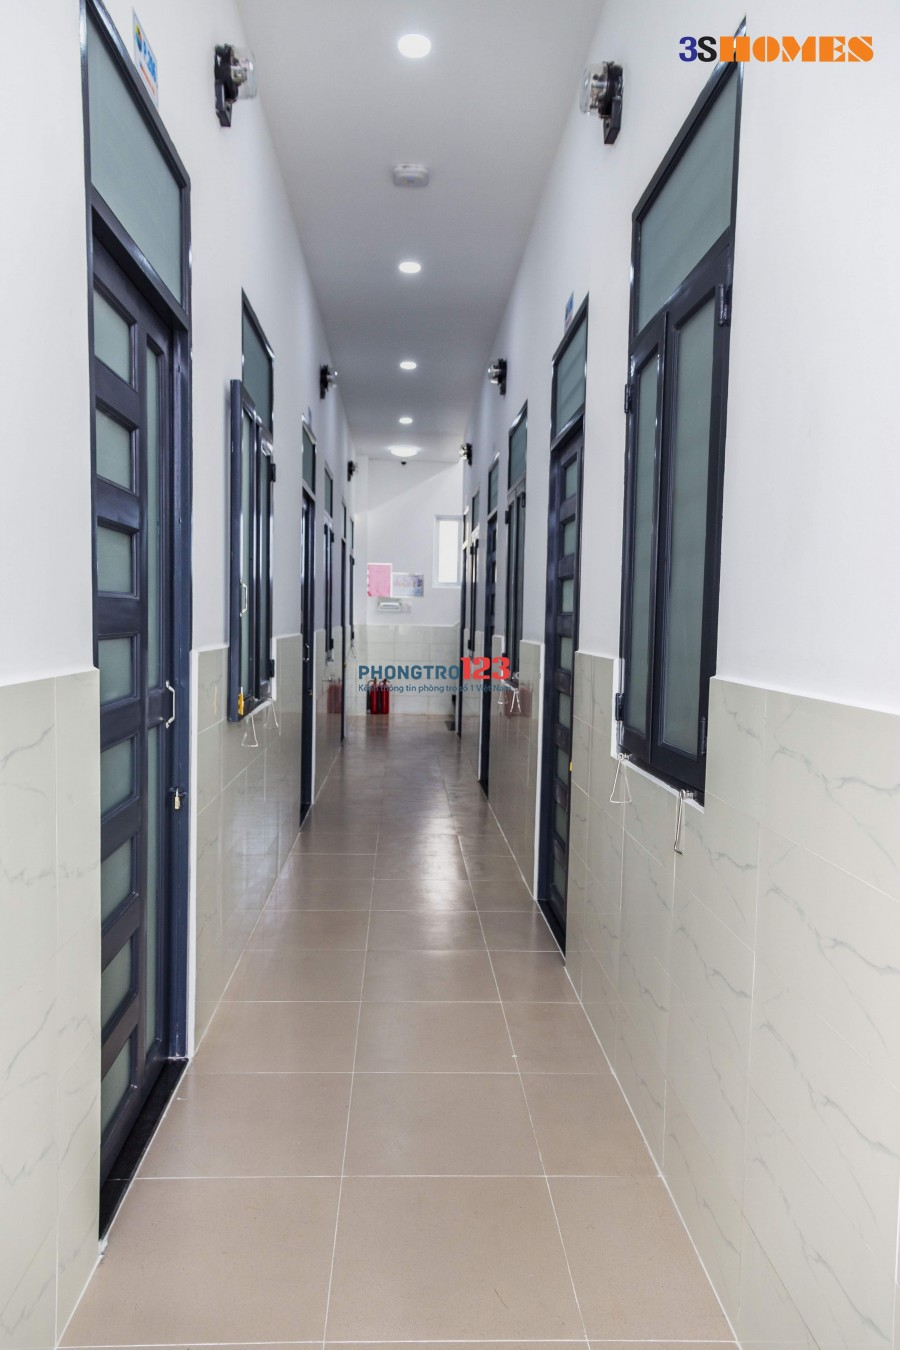 Cho thuê phòng trọ Thống Nhất - GV gần chợ Xóm Mới, gần Công Viên